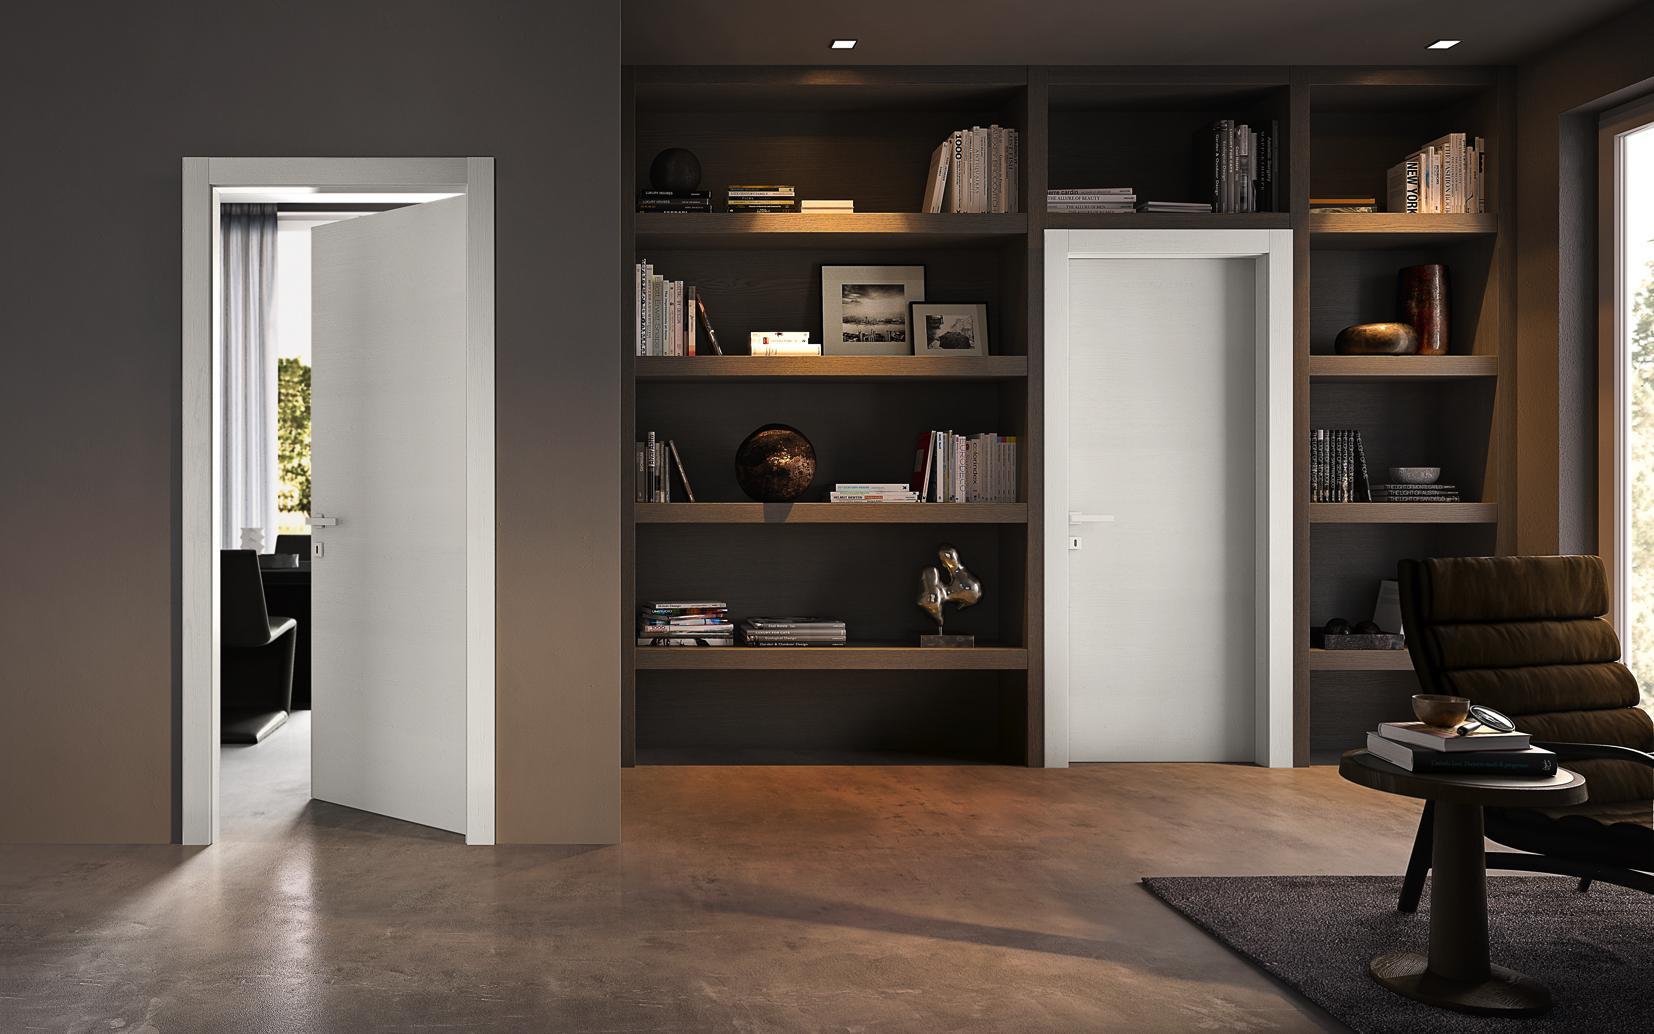 Porte laccate di Design - Arredoporte a Torino